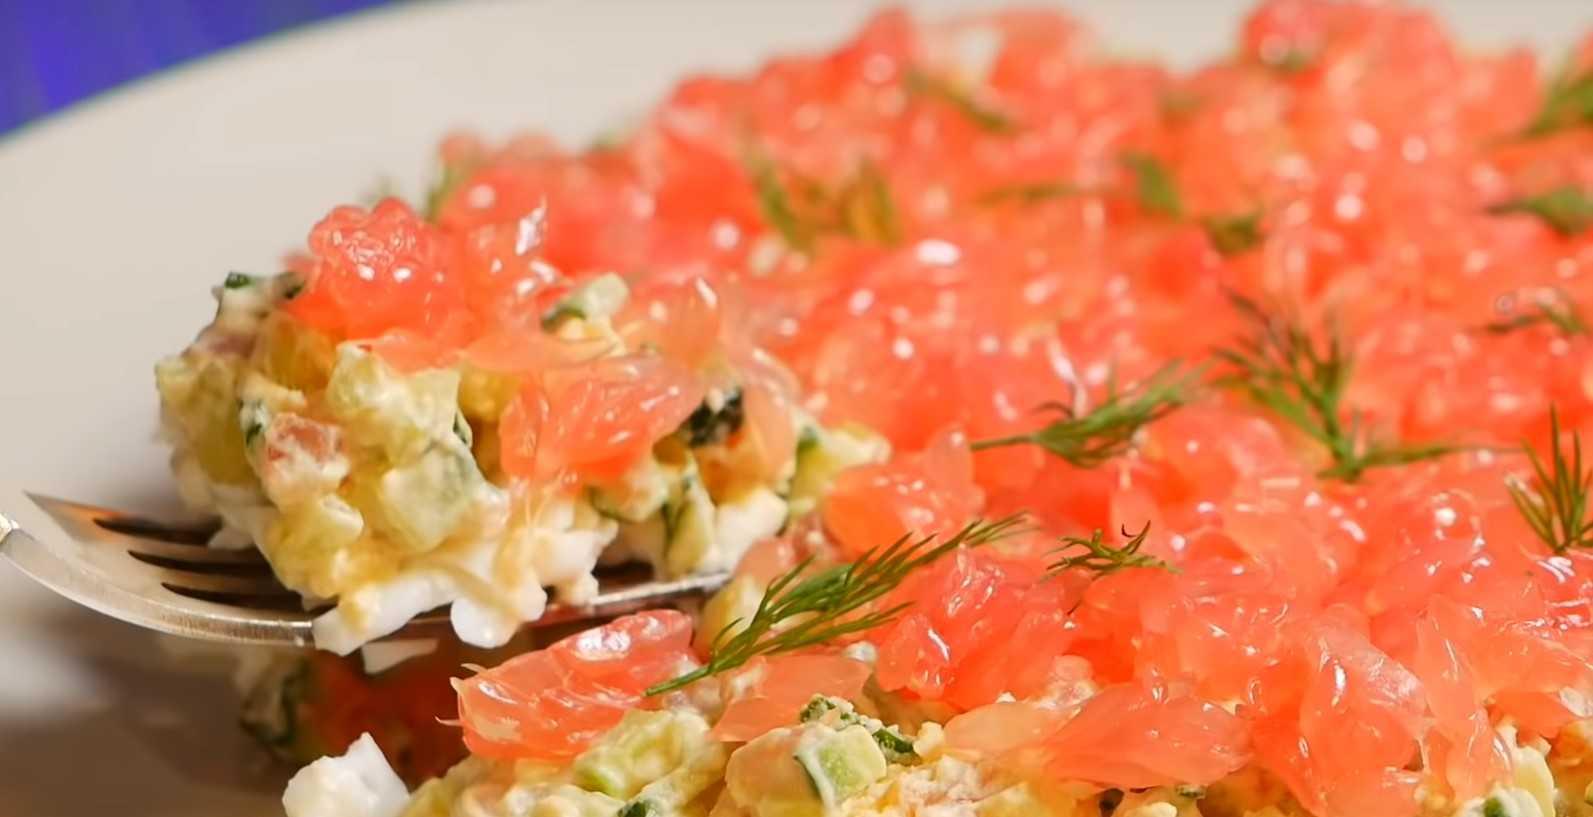 Пп рецепты из семги, форели, лосося: диетические низкокалорийные салаты, супы, бутерброды